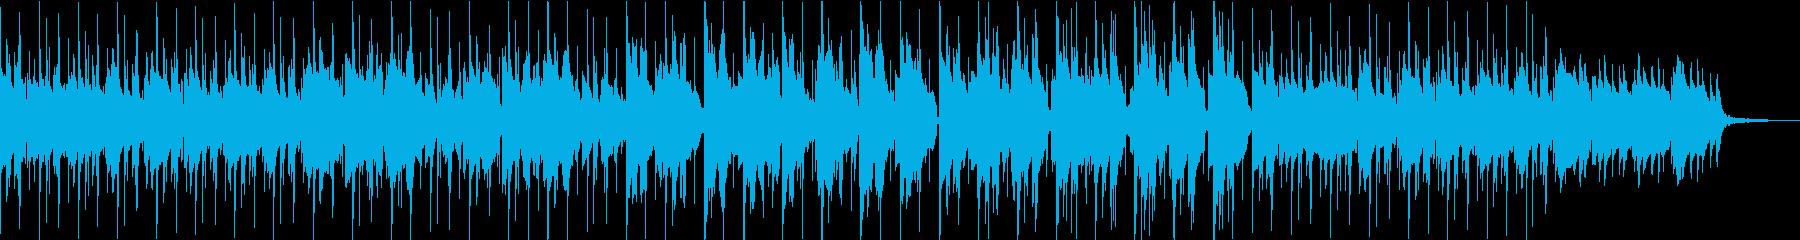 ヒップホップ風の気怠いスムースジャズの再生済みの波形